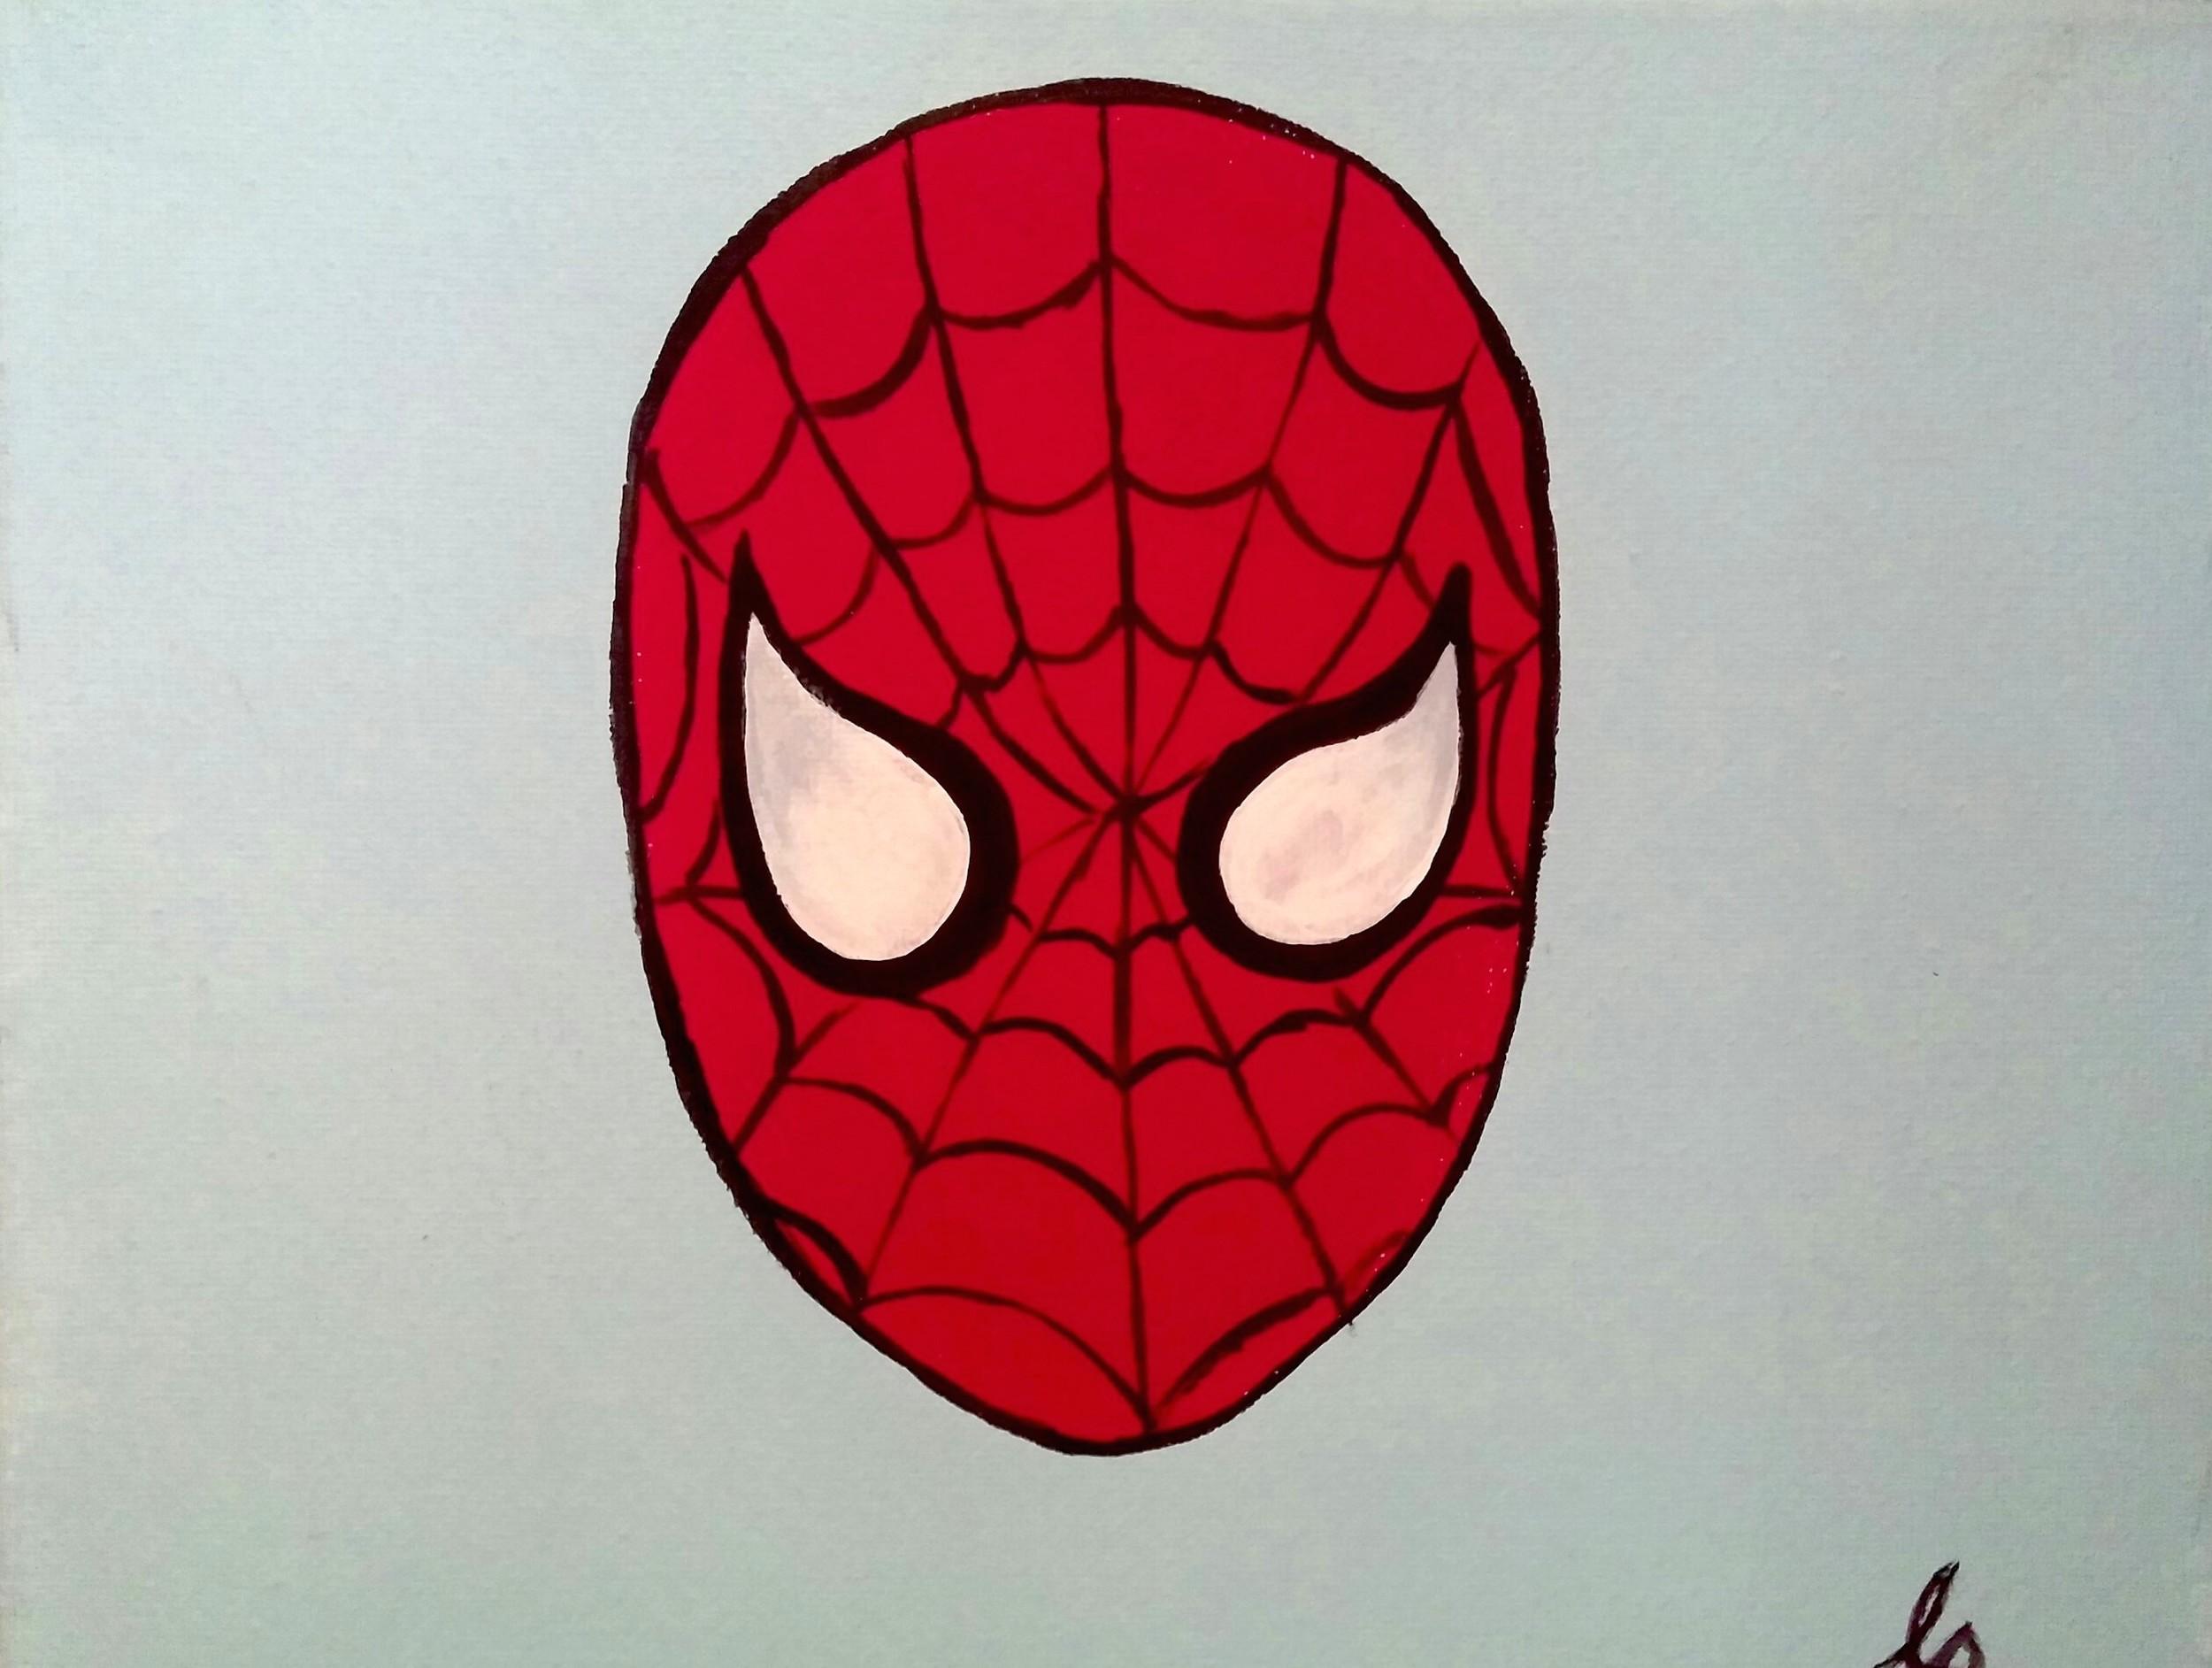 Spider Man Face.jpg